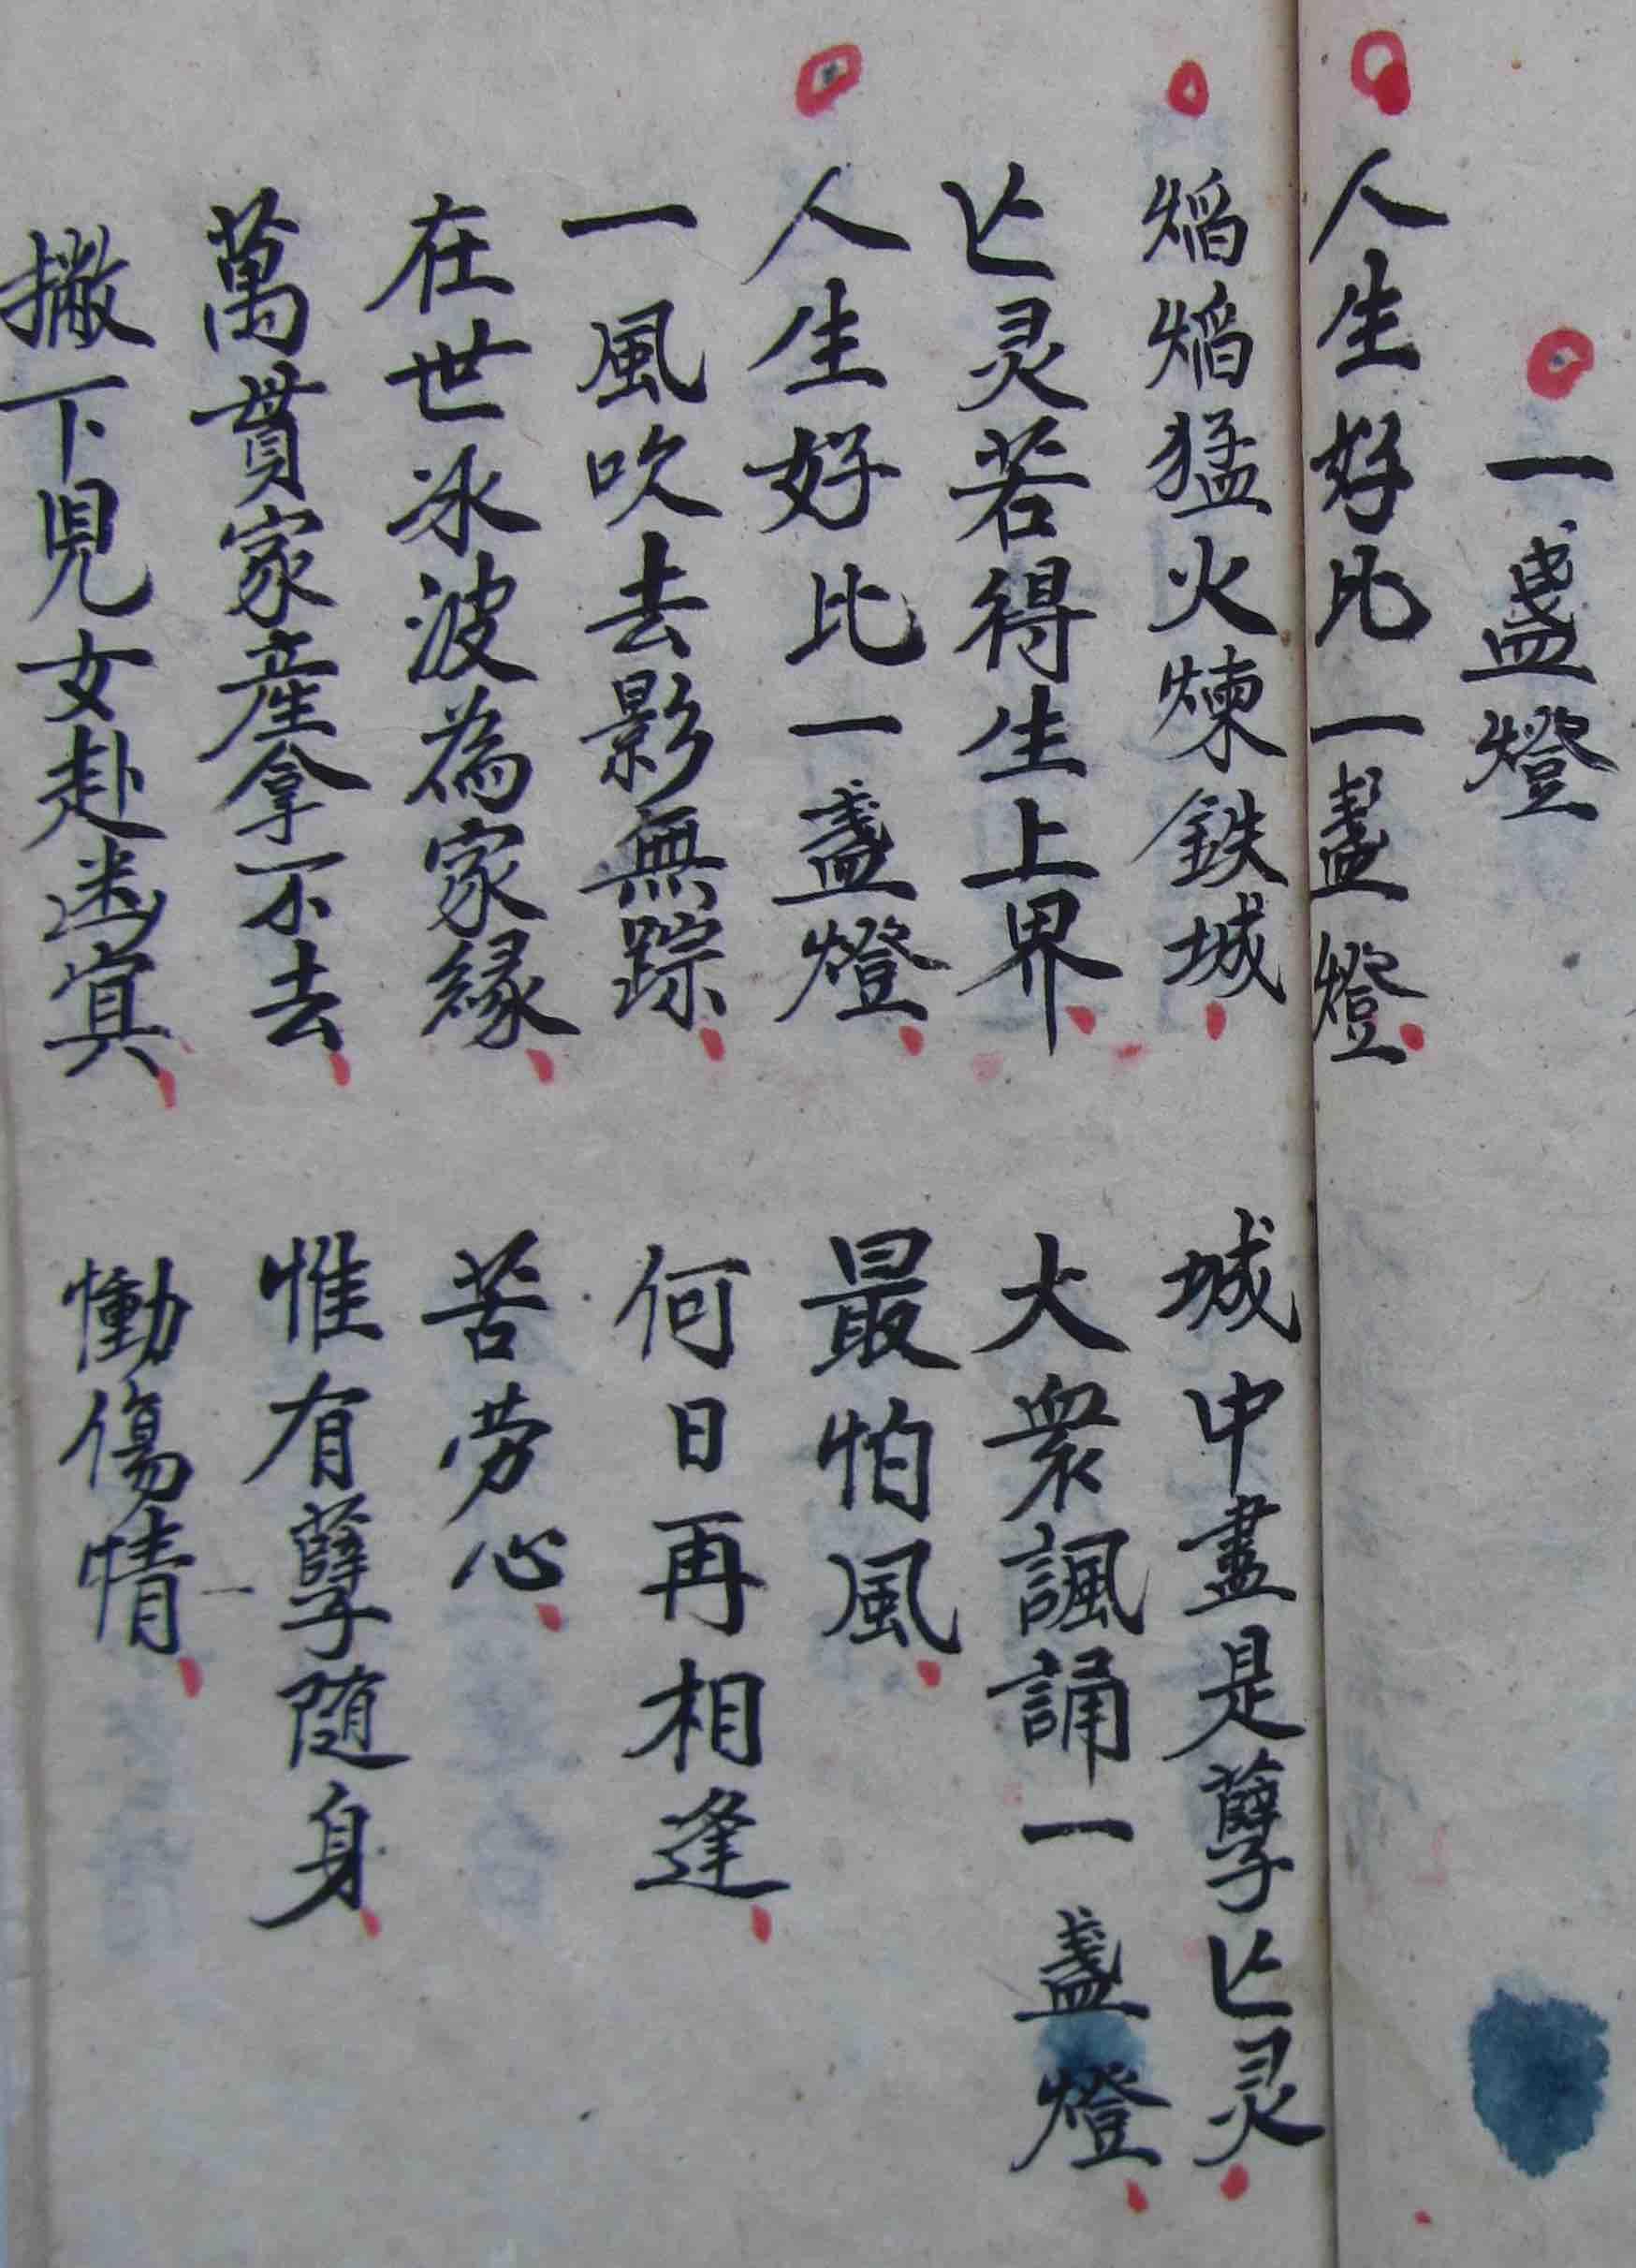 Yizhan deng